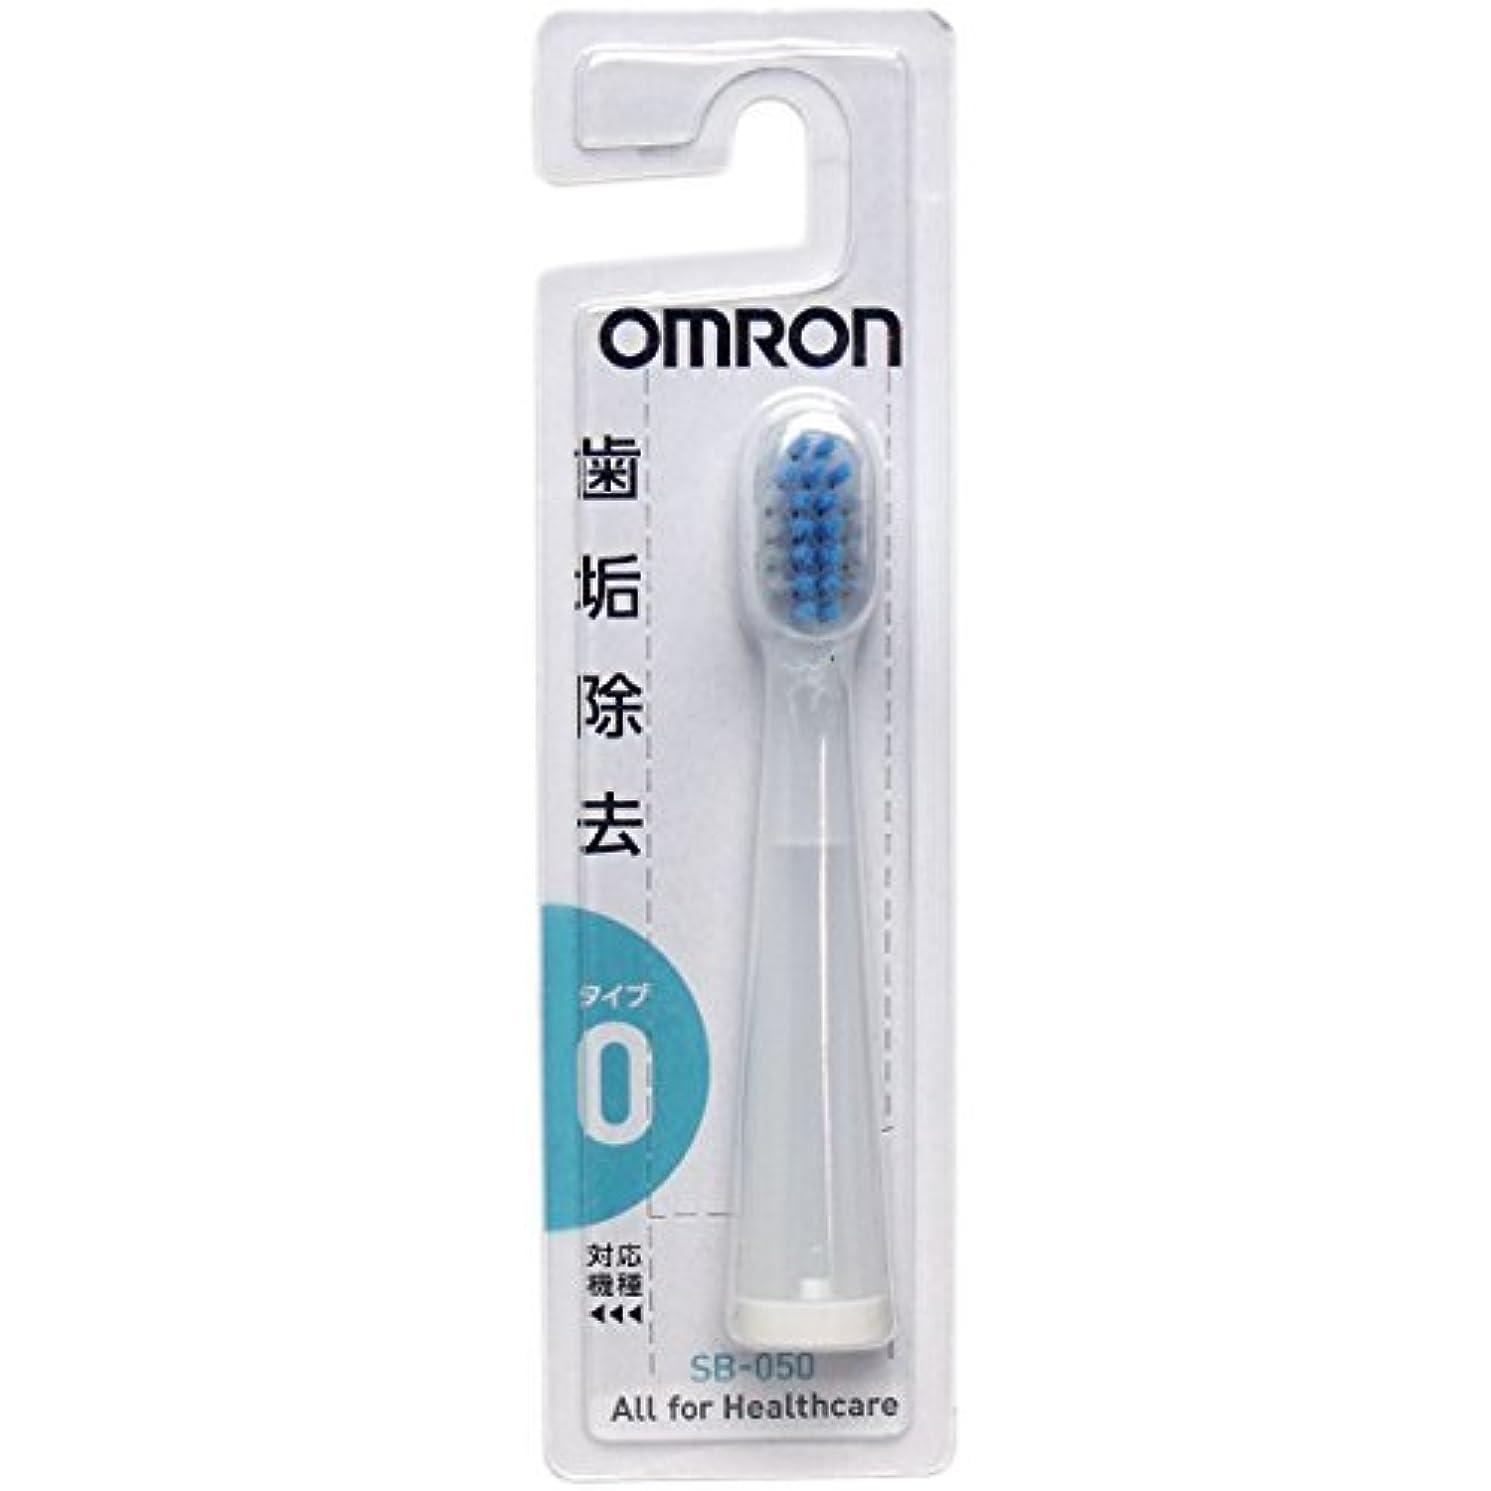 サイクロプス部分的緩やかなオムロン 音波式電動歯ブラシ用 ダブルメリットブラシ 1個入 SB-050